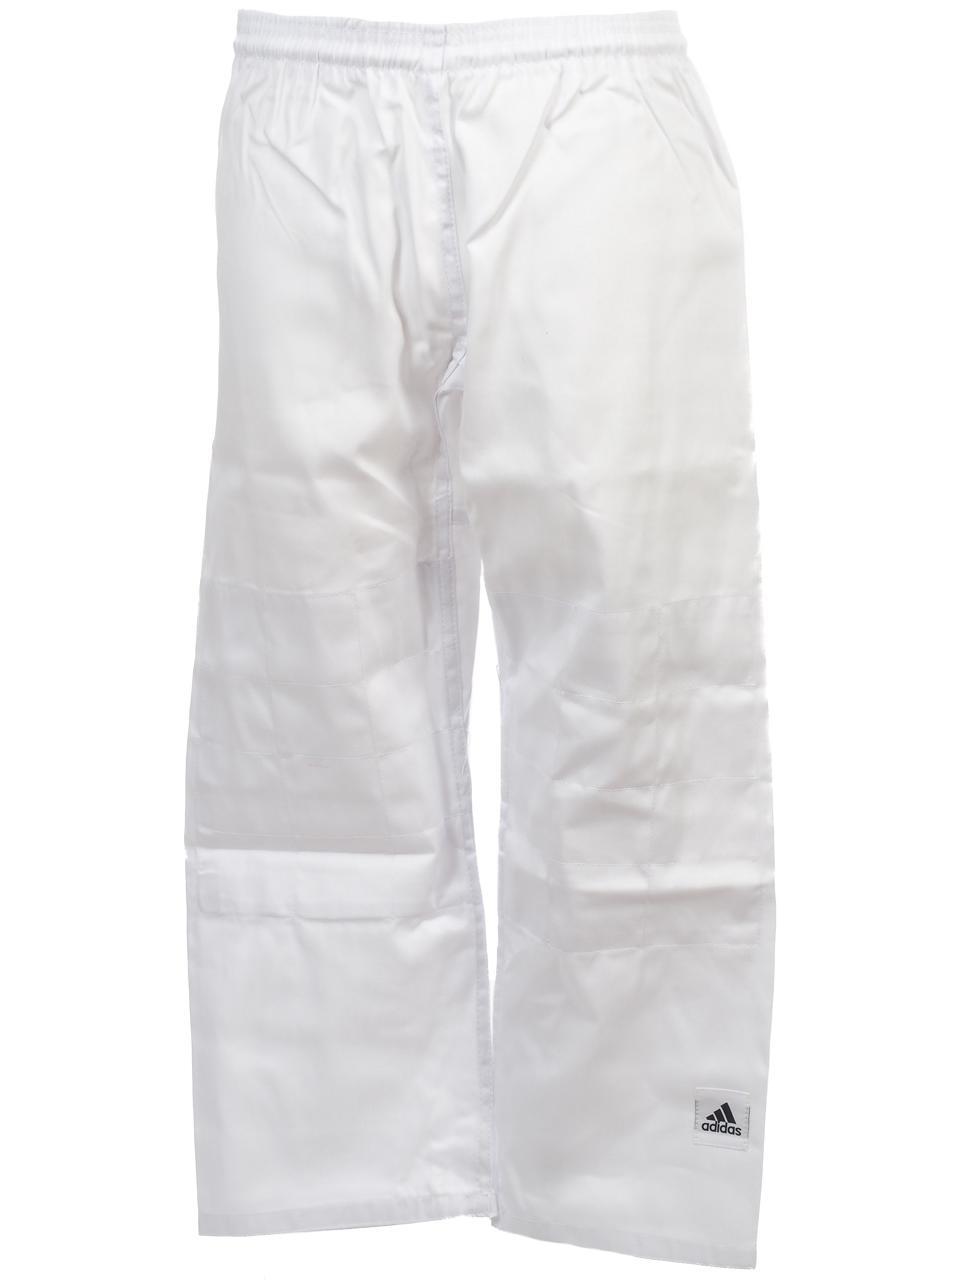 Judo-Kimono-Adidas-Club-White-Judo-Jr-White-23071-New thumbnail 3